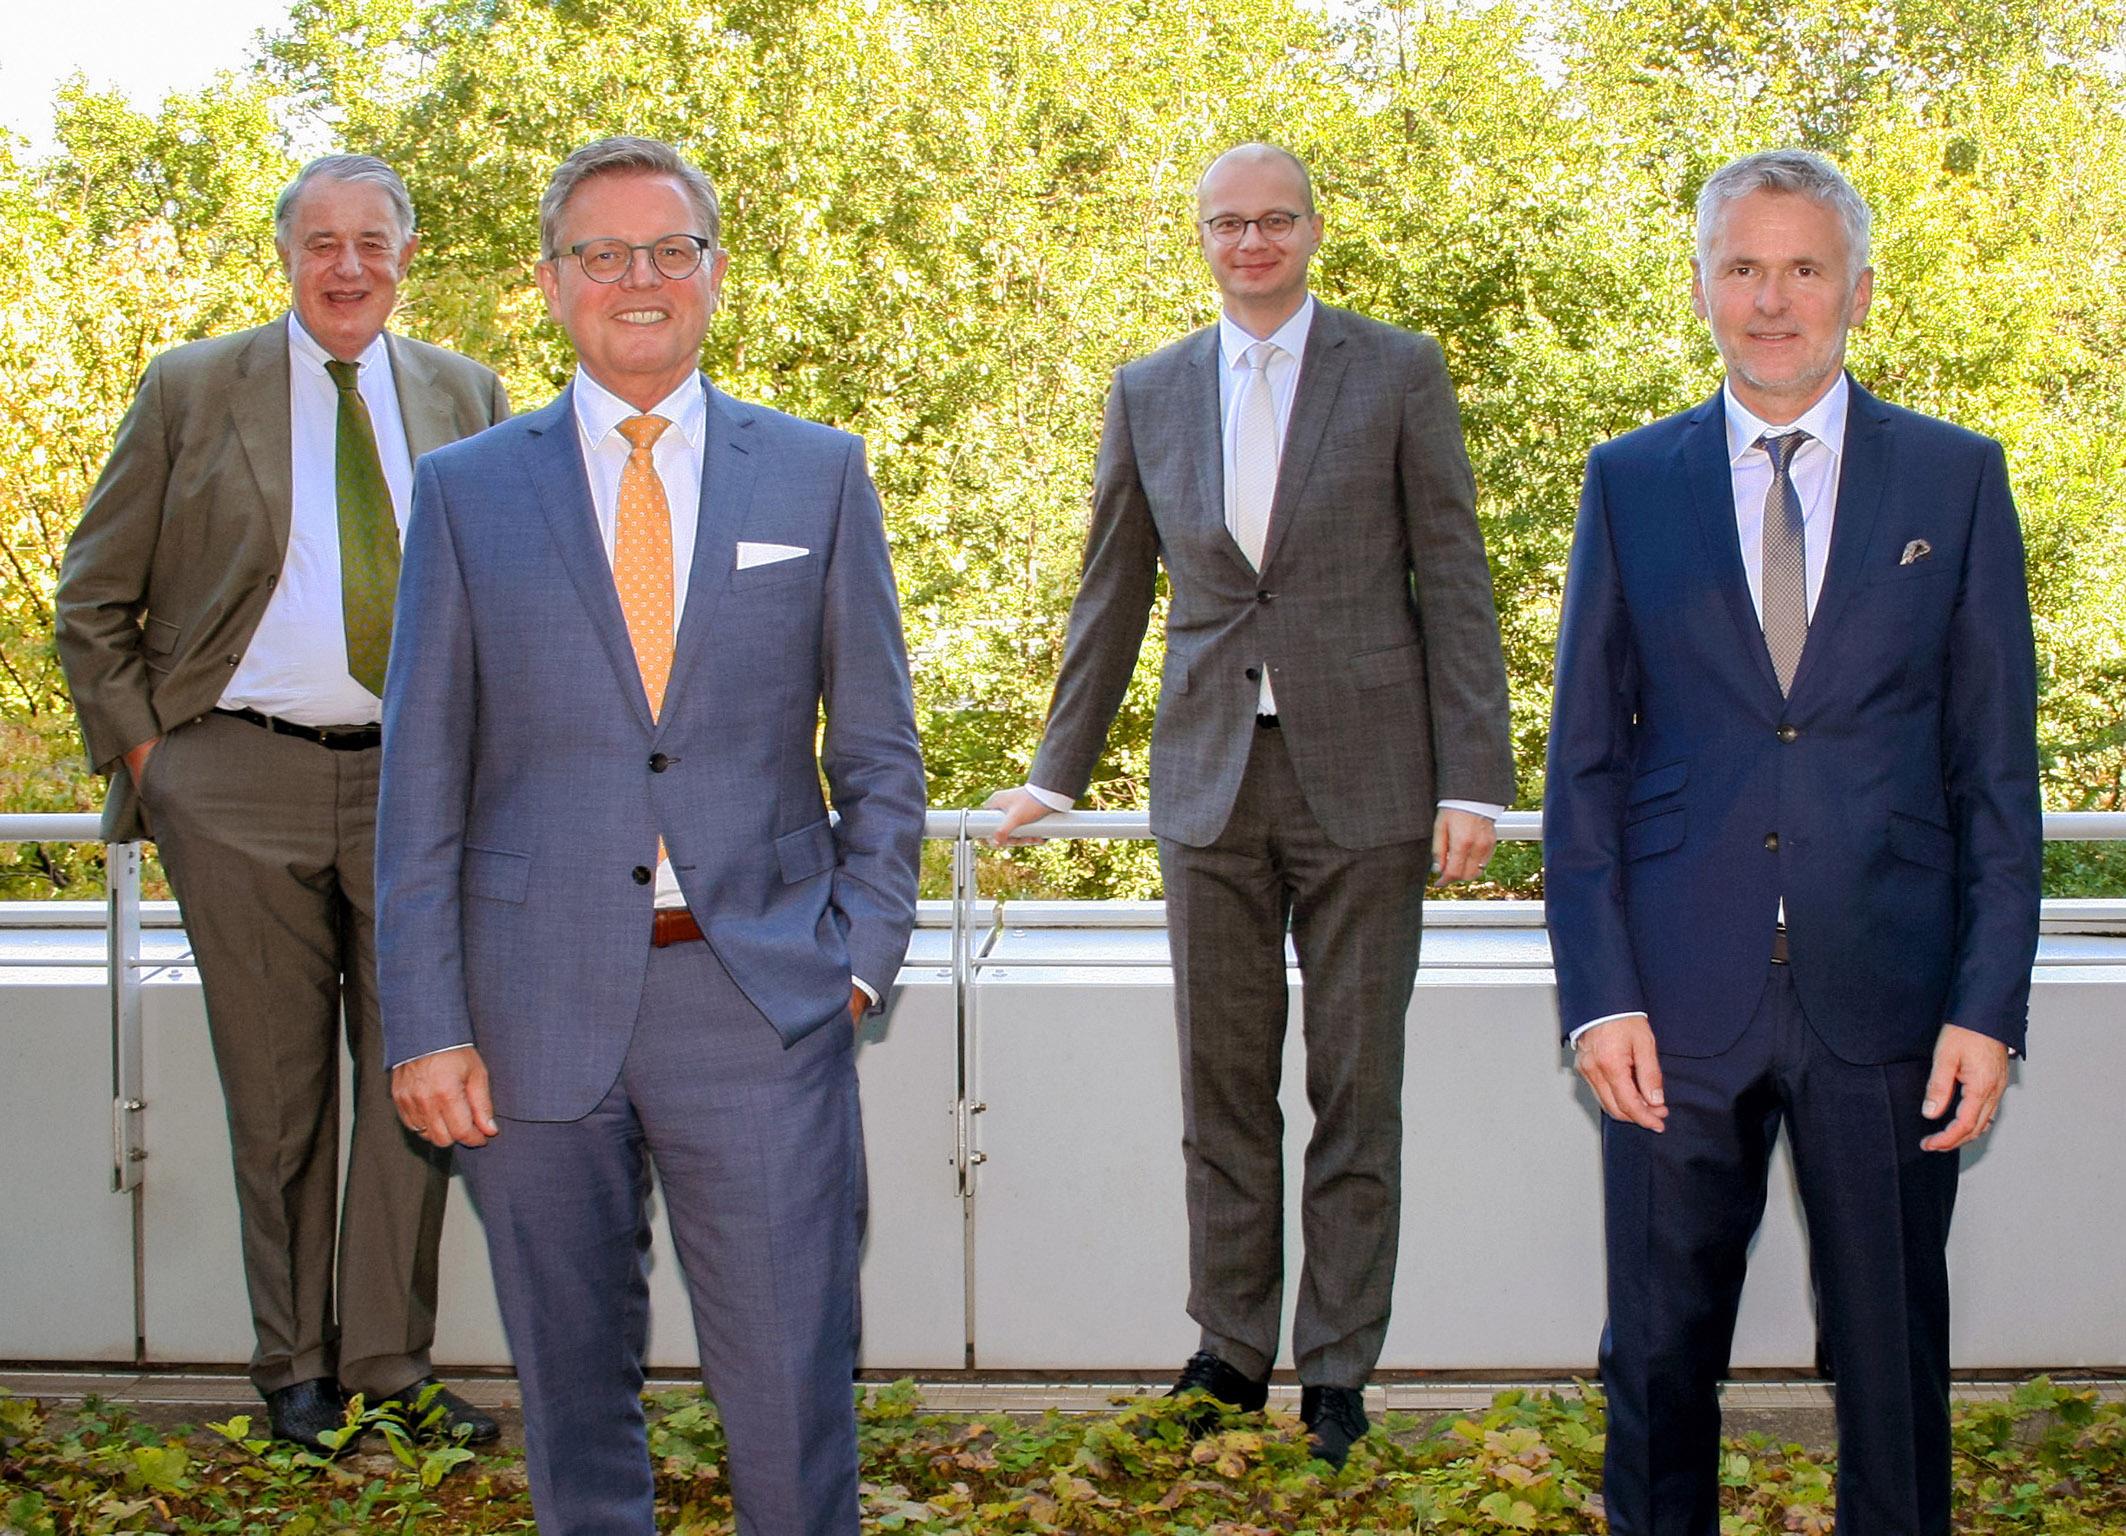 Vier Männer im Anzug